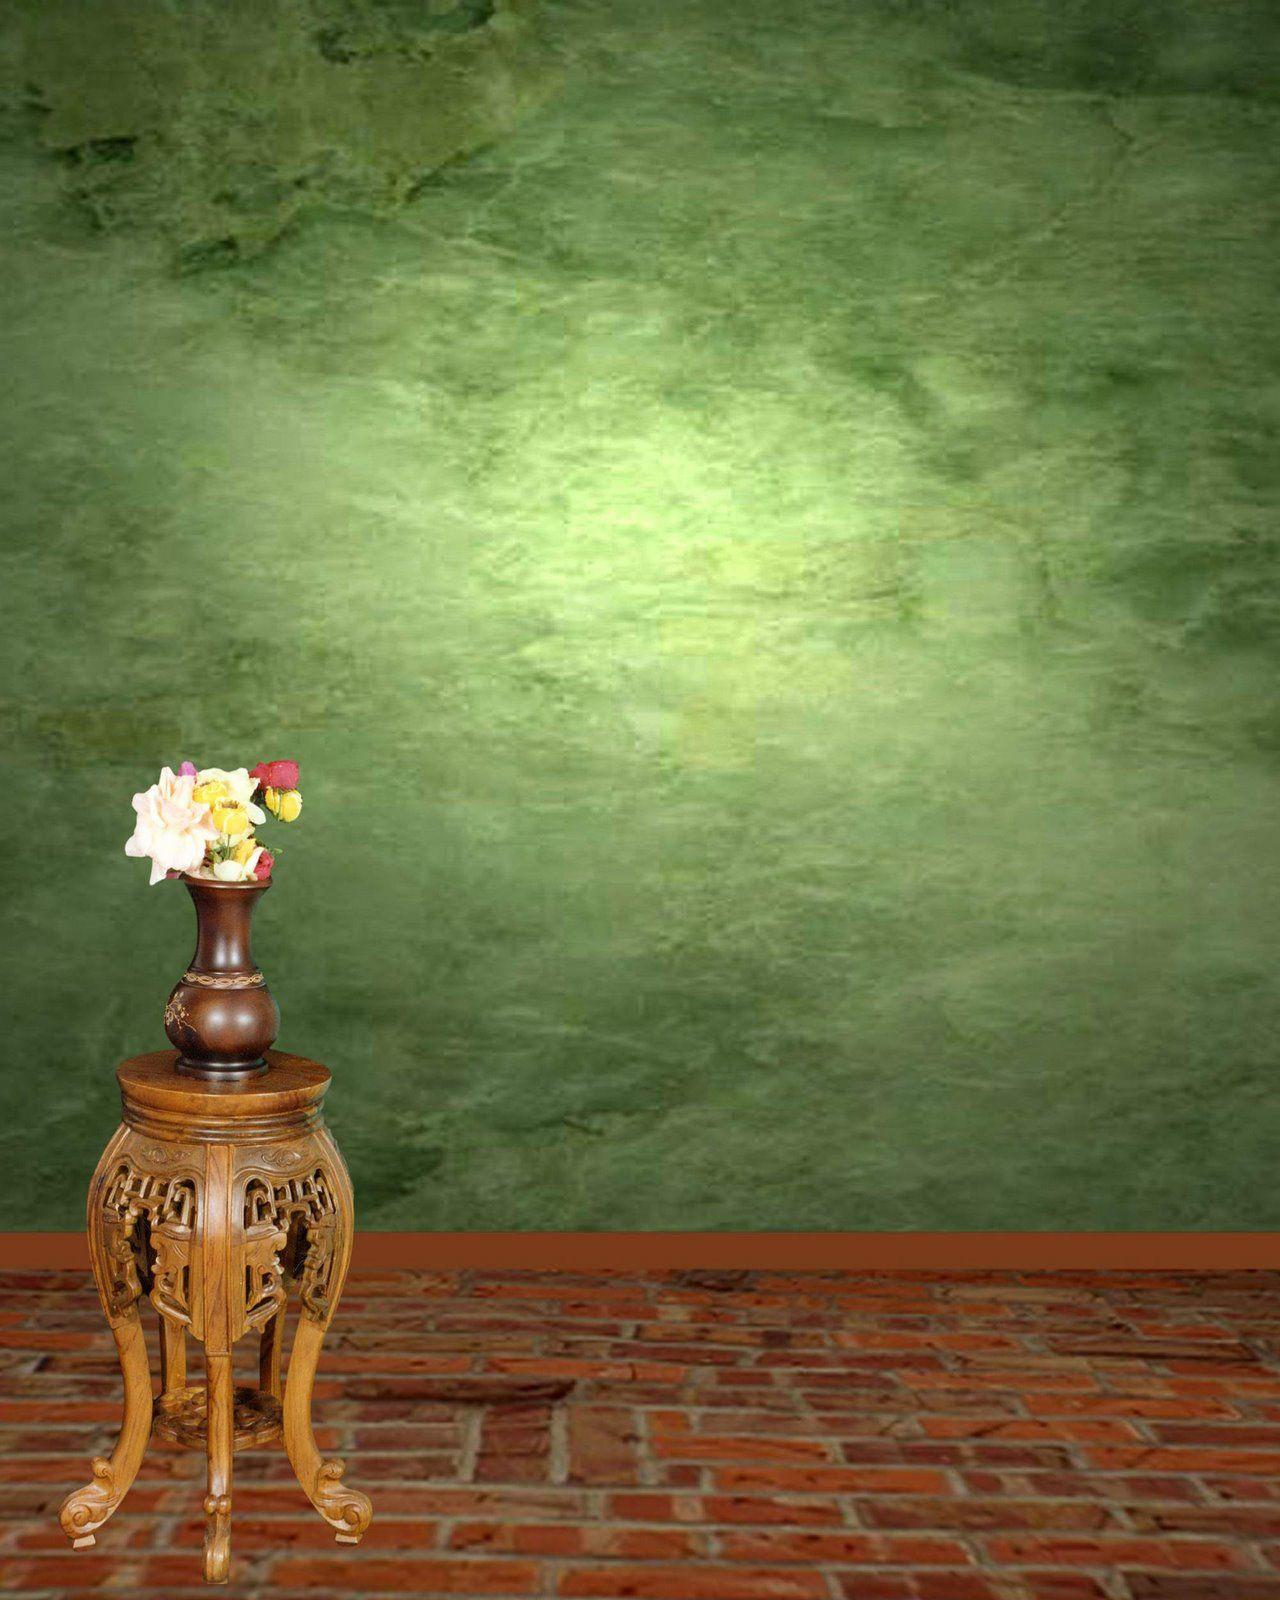 Rudraksh 12 Jpg Photoshop Backgrounds Photoshop Backgrounds Free Dslr Background Images